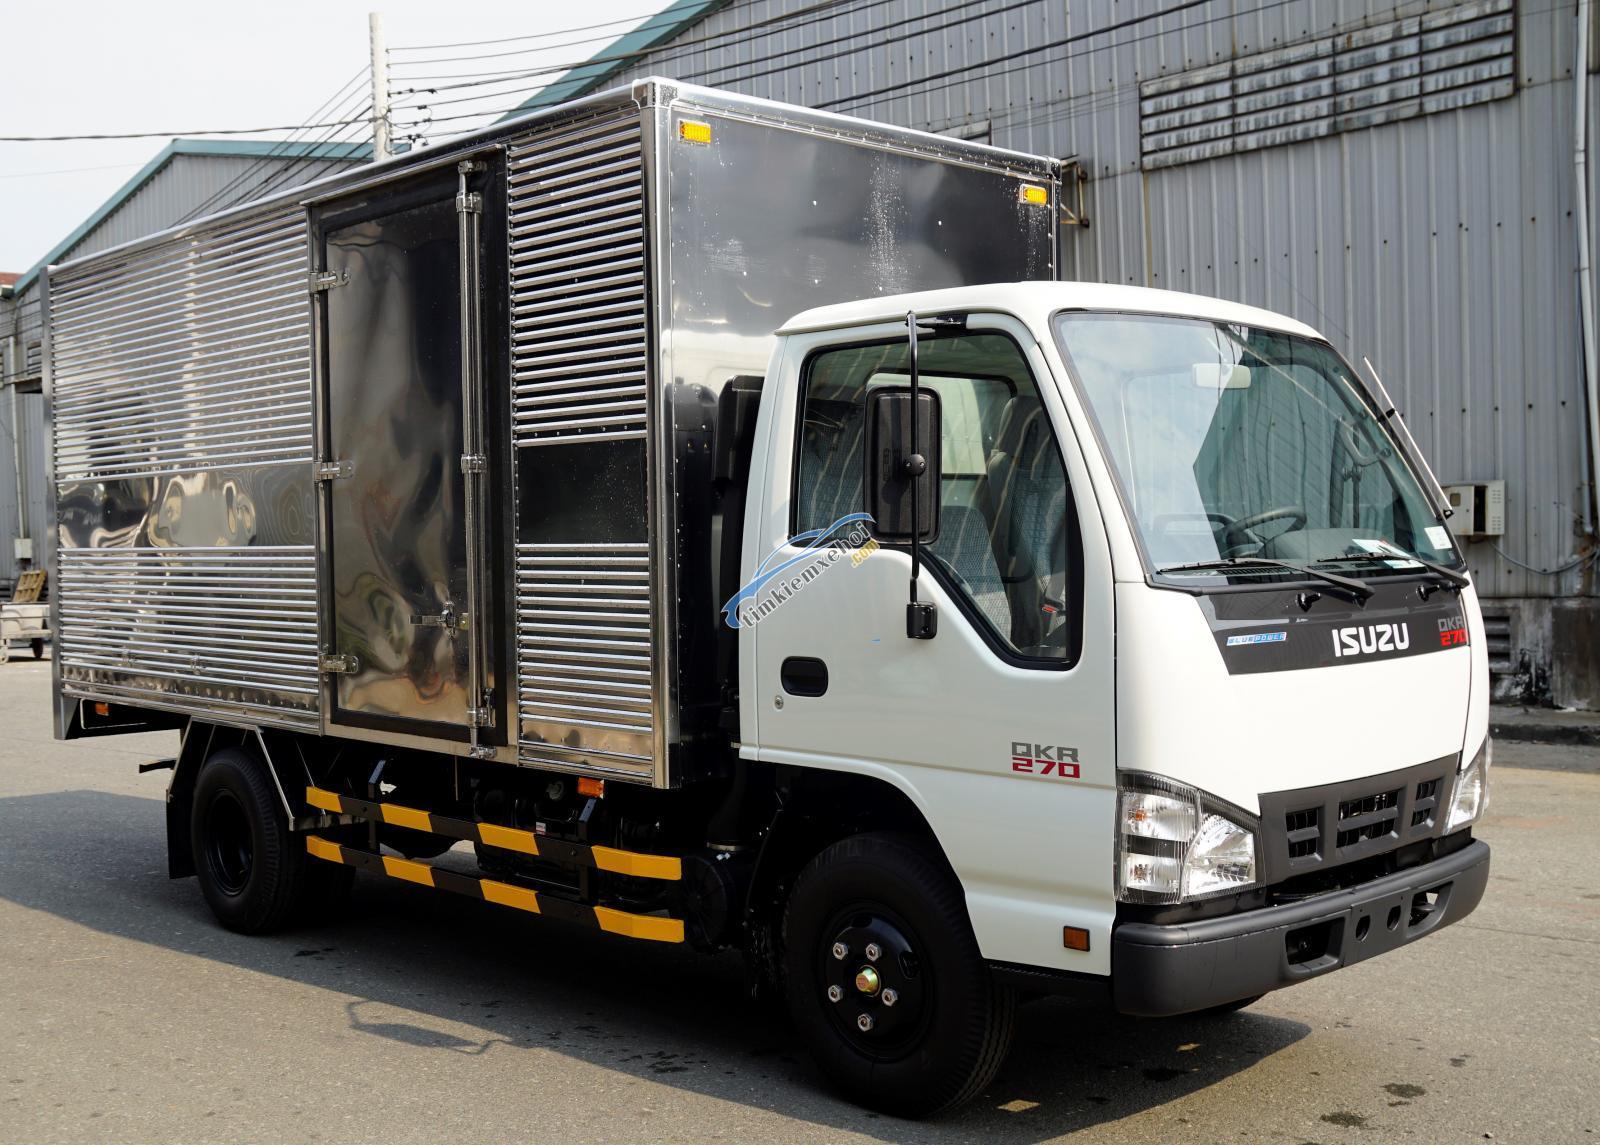 Tải Isuzu 3T thùng 4m3 giá tốt, vay cao, đóng thùng theo yêu cầu khách hàng